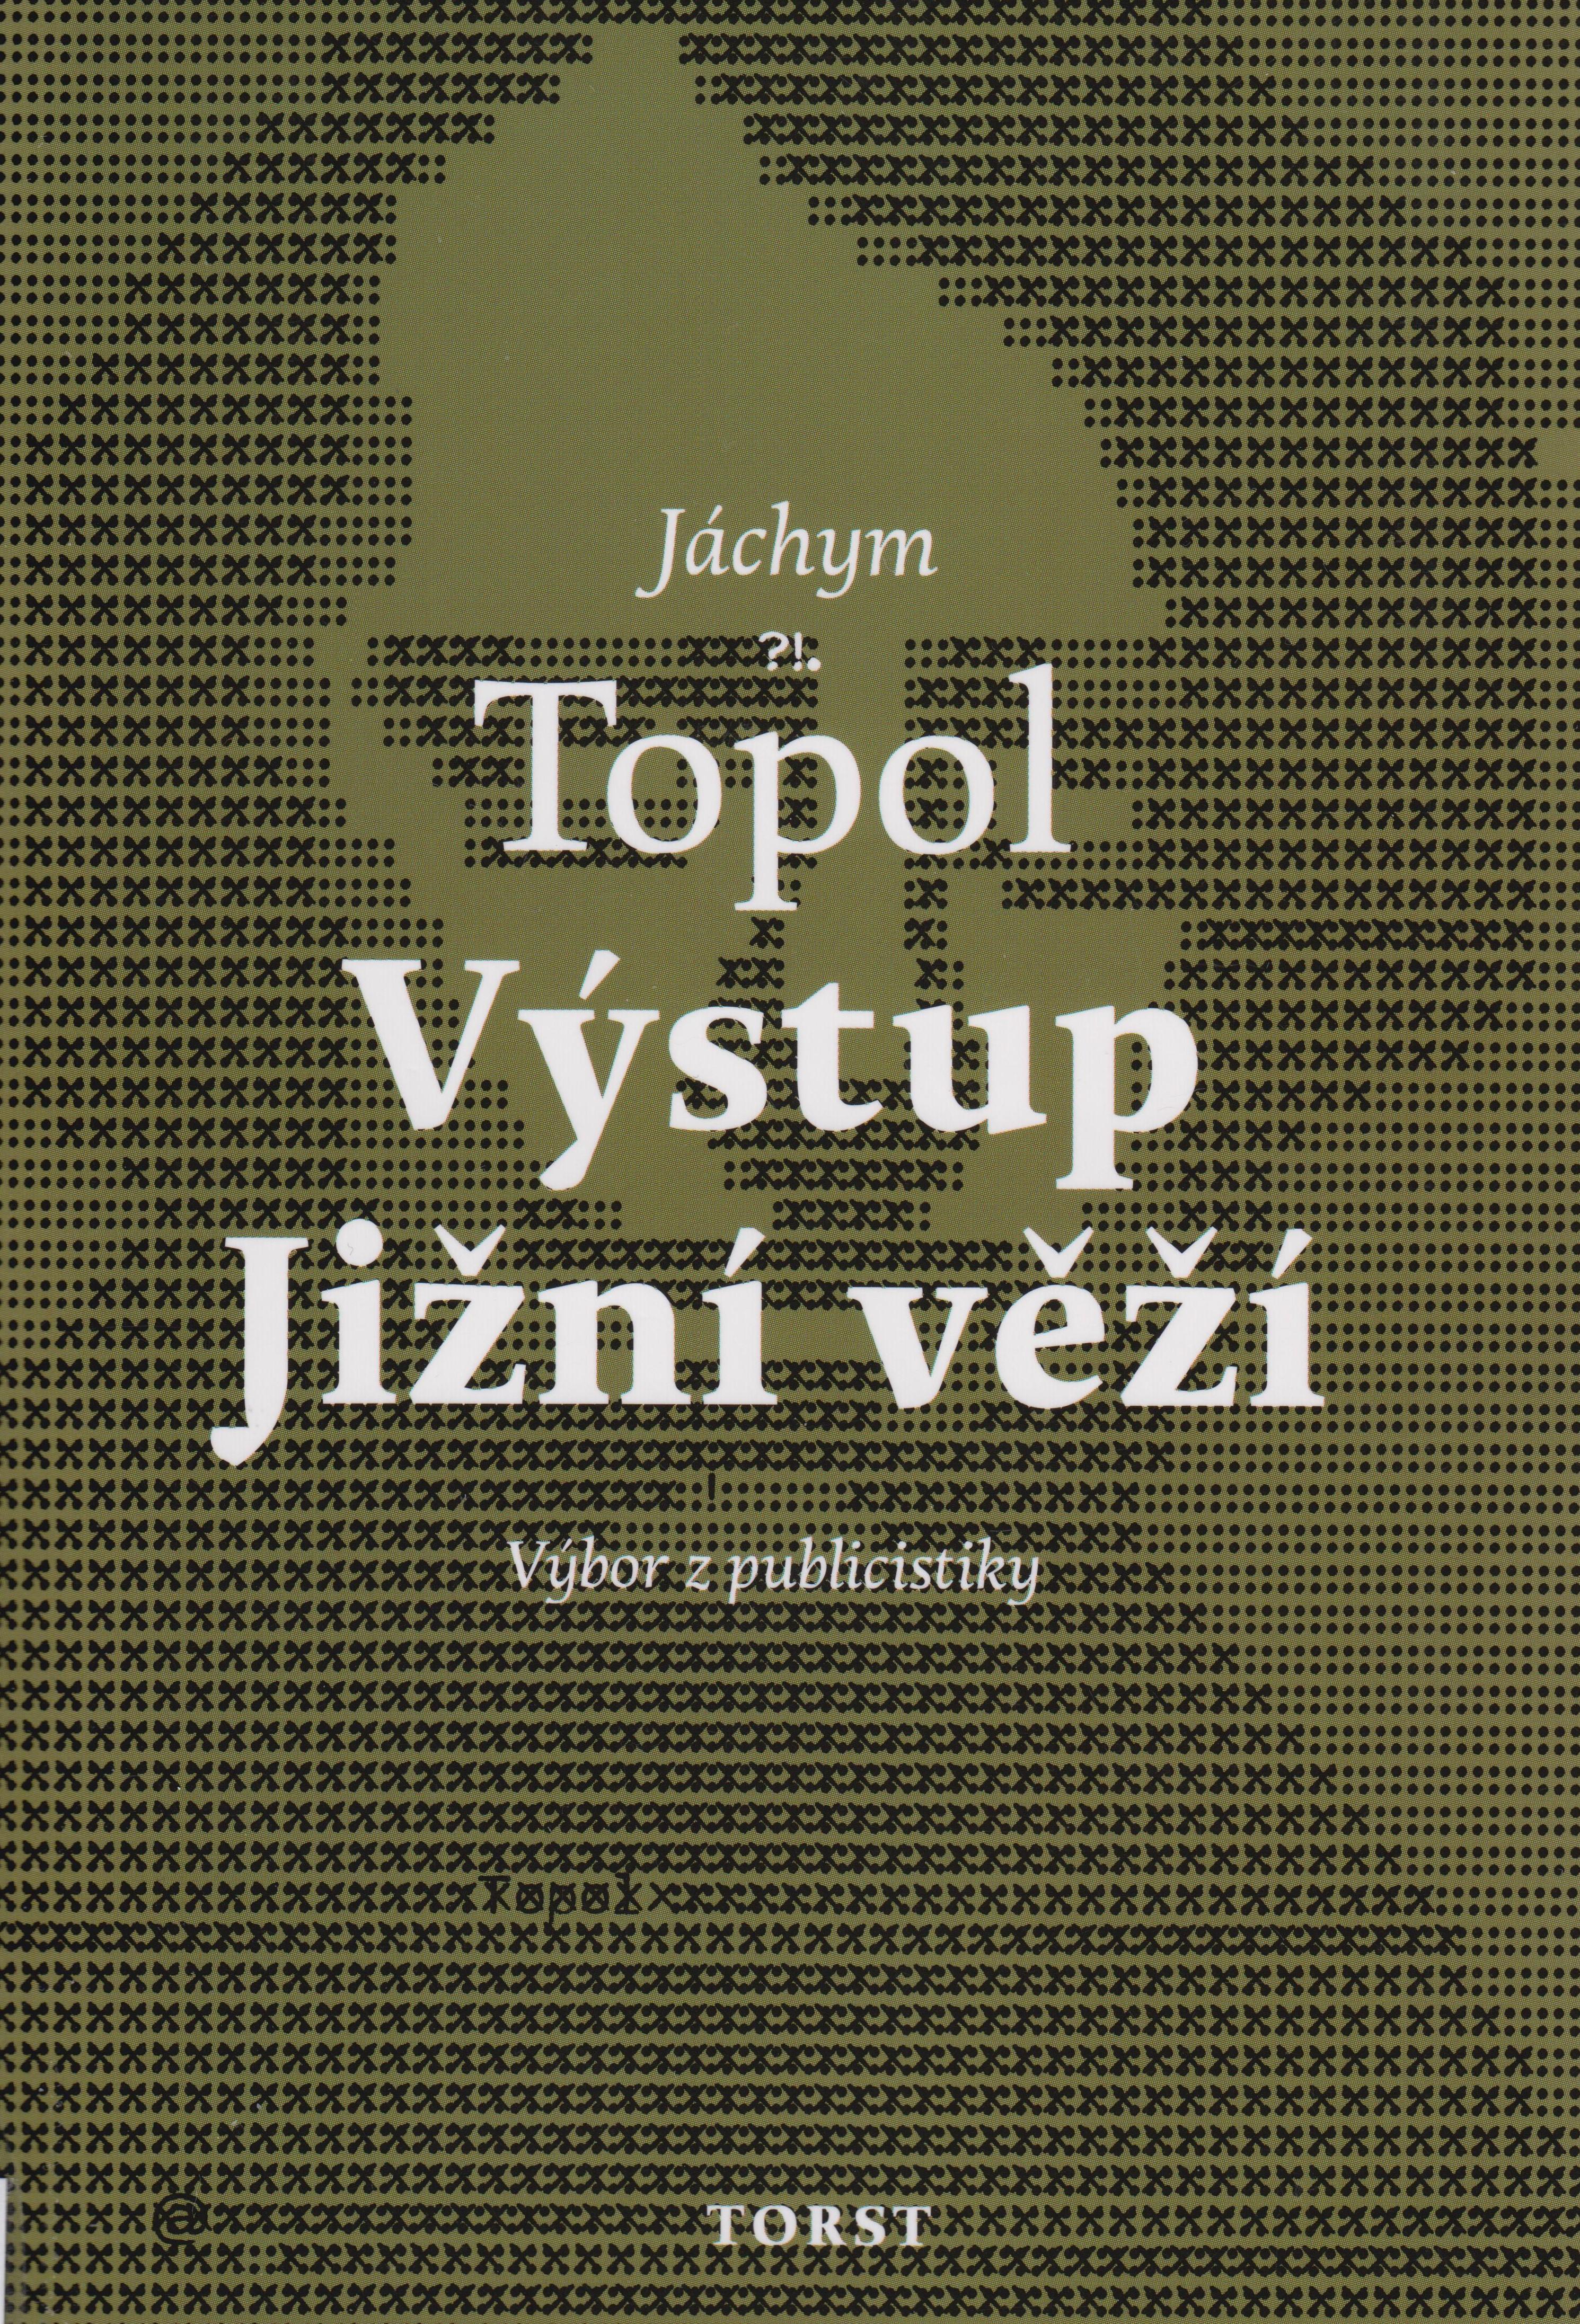 7606b2a65 Básník a prozaik Jáchym Topol se v uplynulých třech desetiletích uplatňoval  také na poli žurnalistiky. Jako redaktor je spojen s časopisy Jednou ...